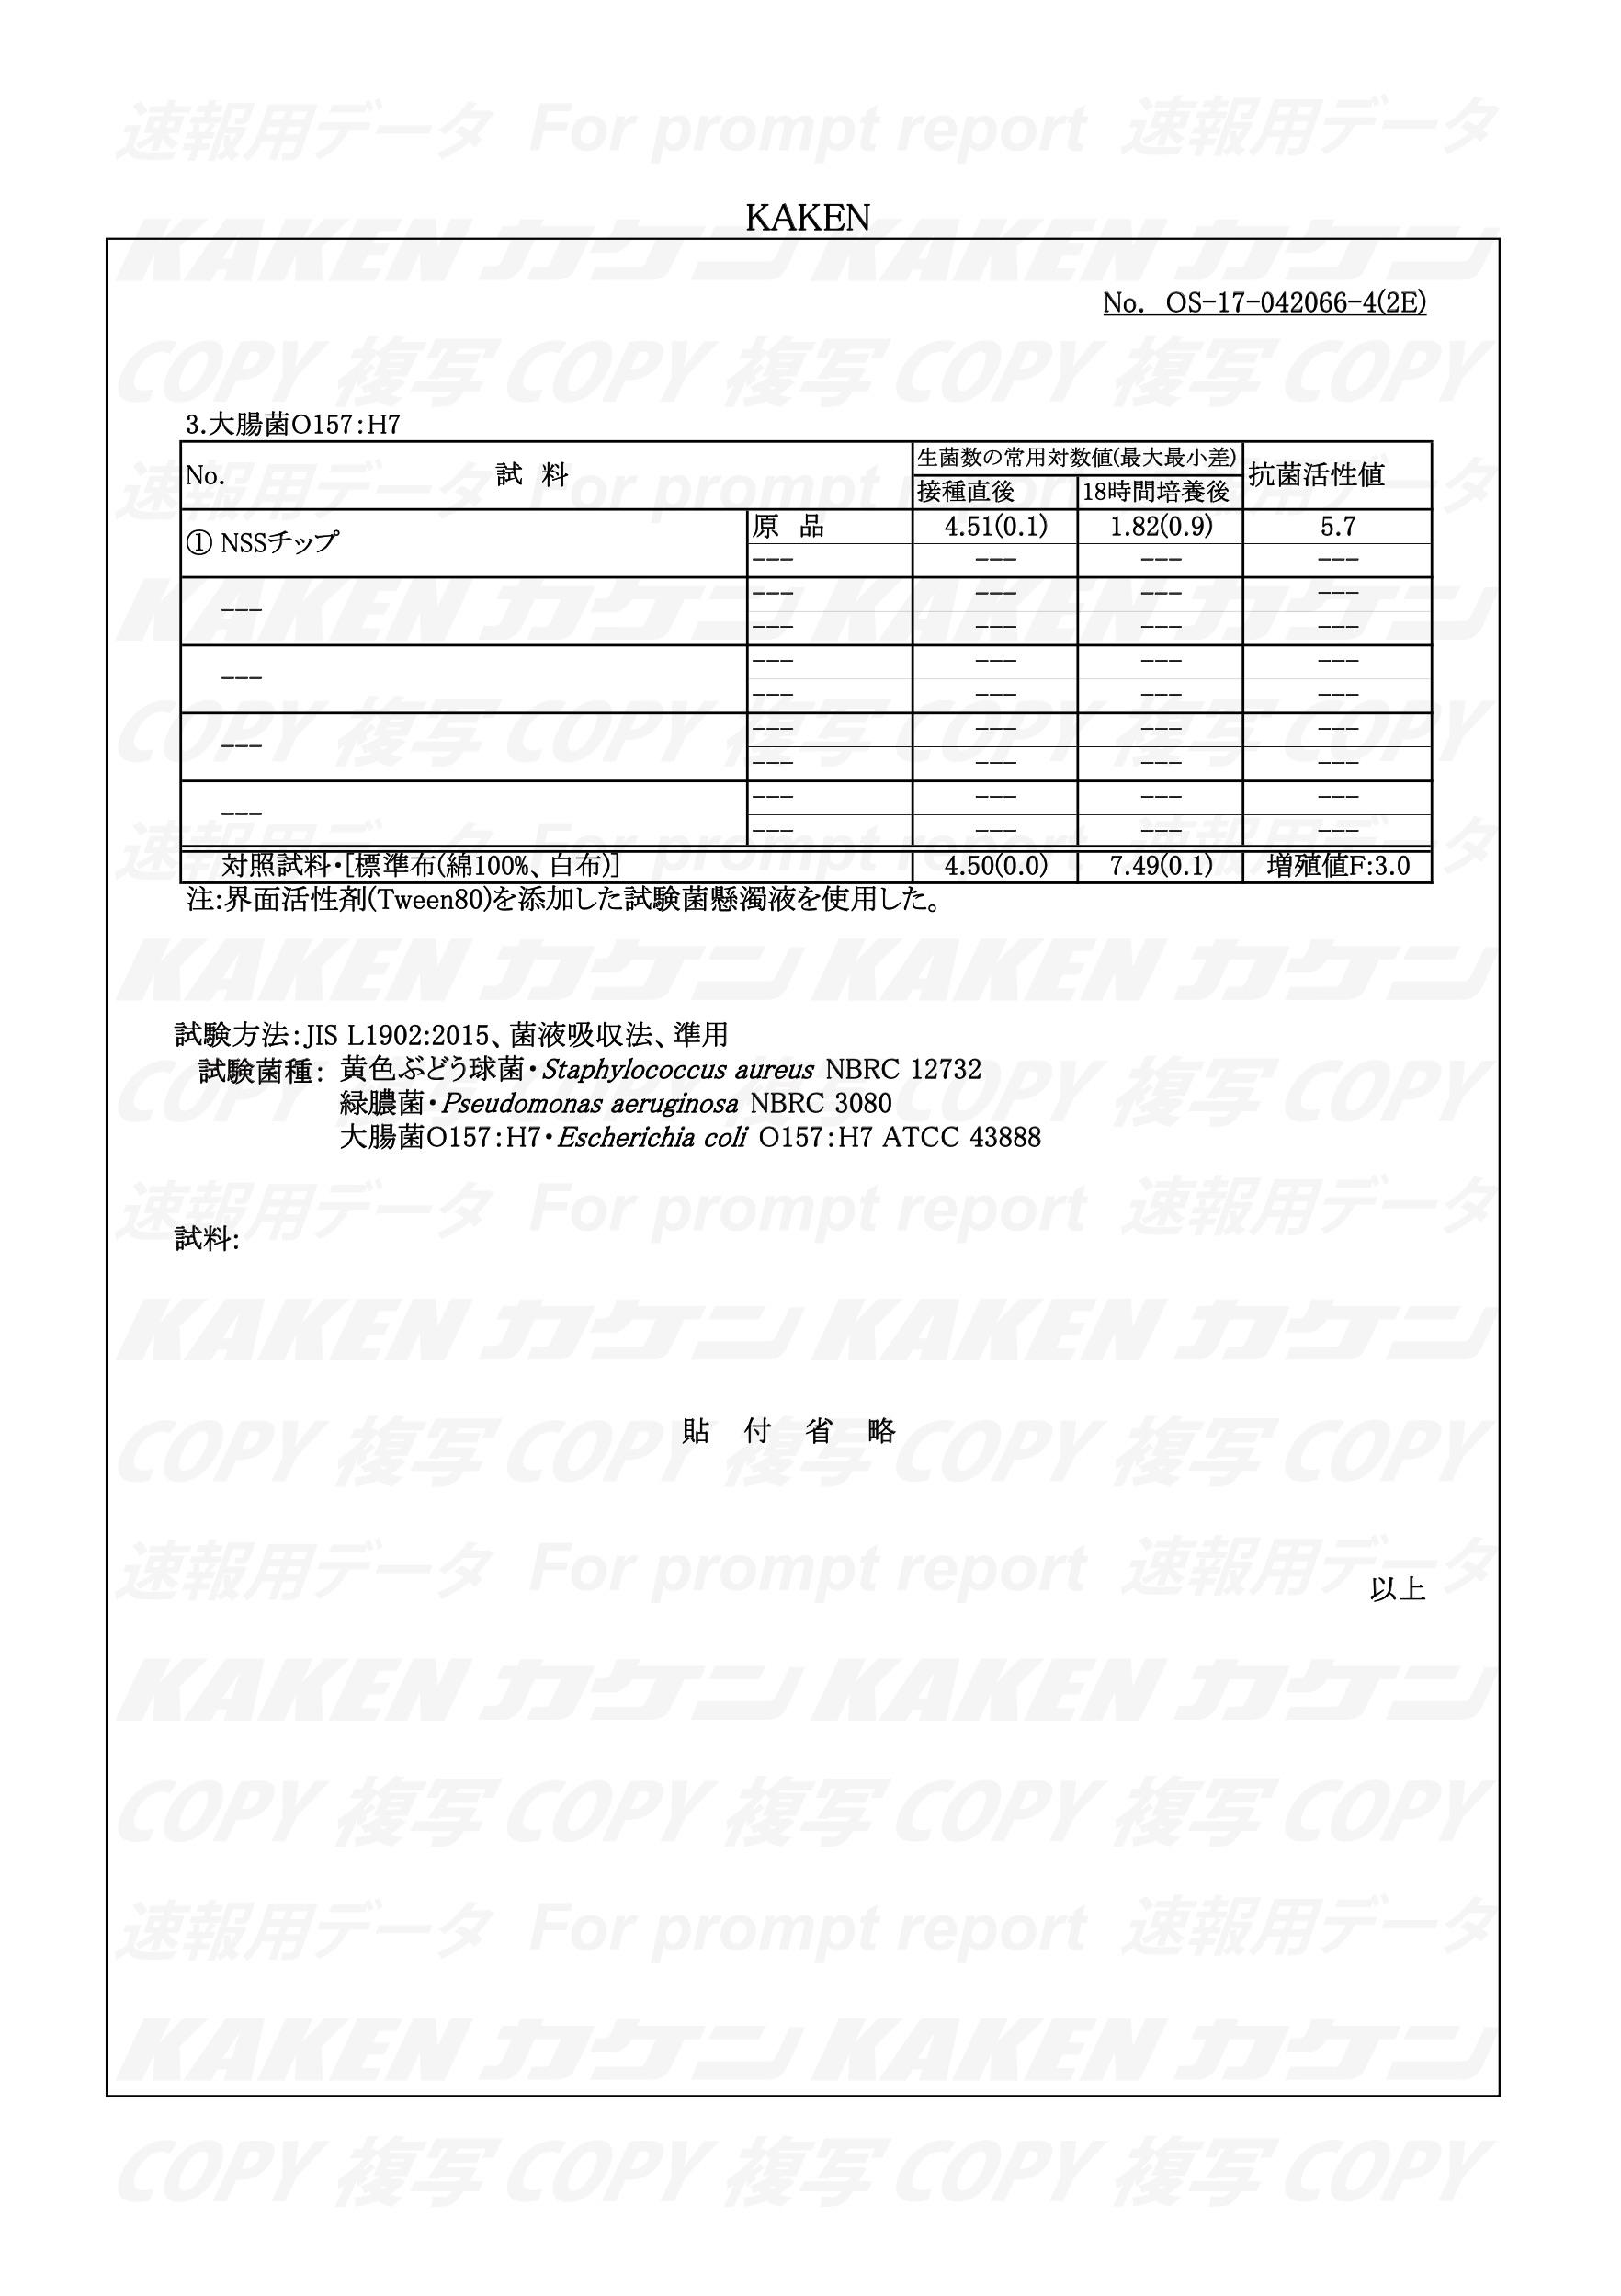 大腸菌O157除去性能試験結果報告書